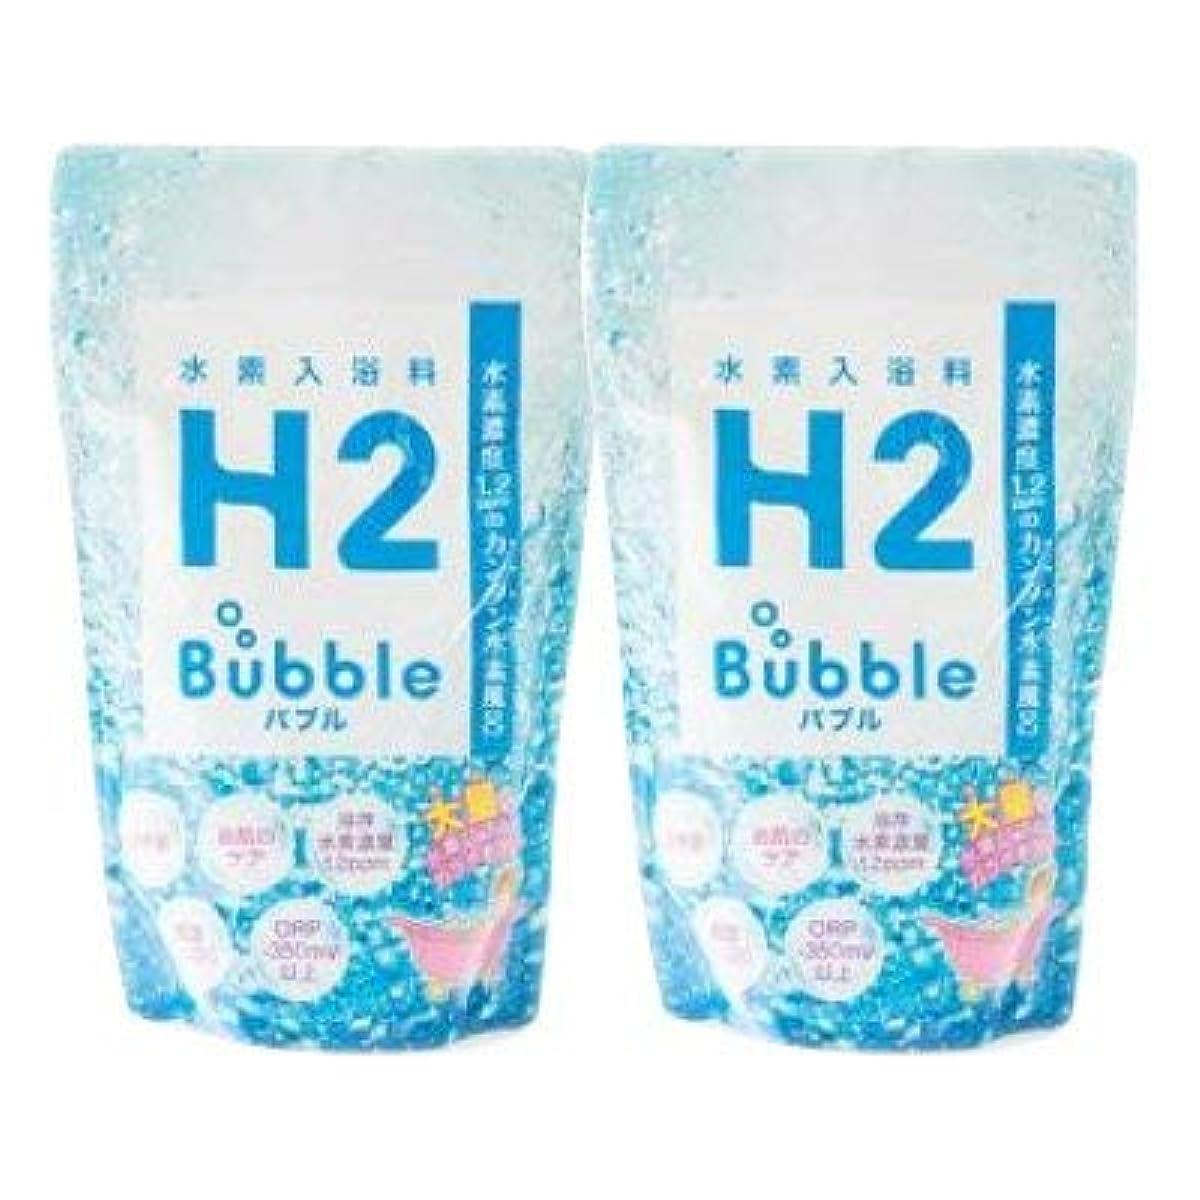 デンマーク語ガラガラクロニクル水素 入浴剤 水素 風呂 水素バス【H2バブル h2bubble 700g(約1カ月分)×2袋セット】